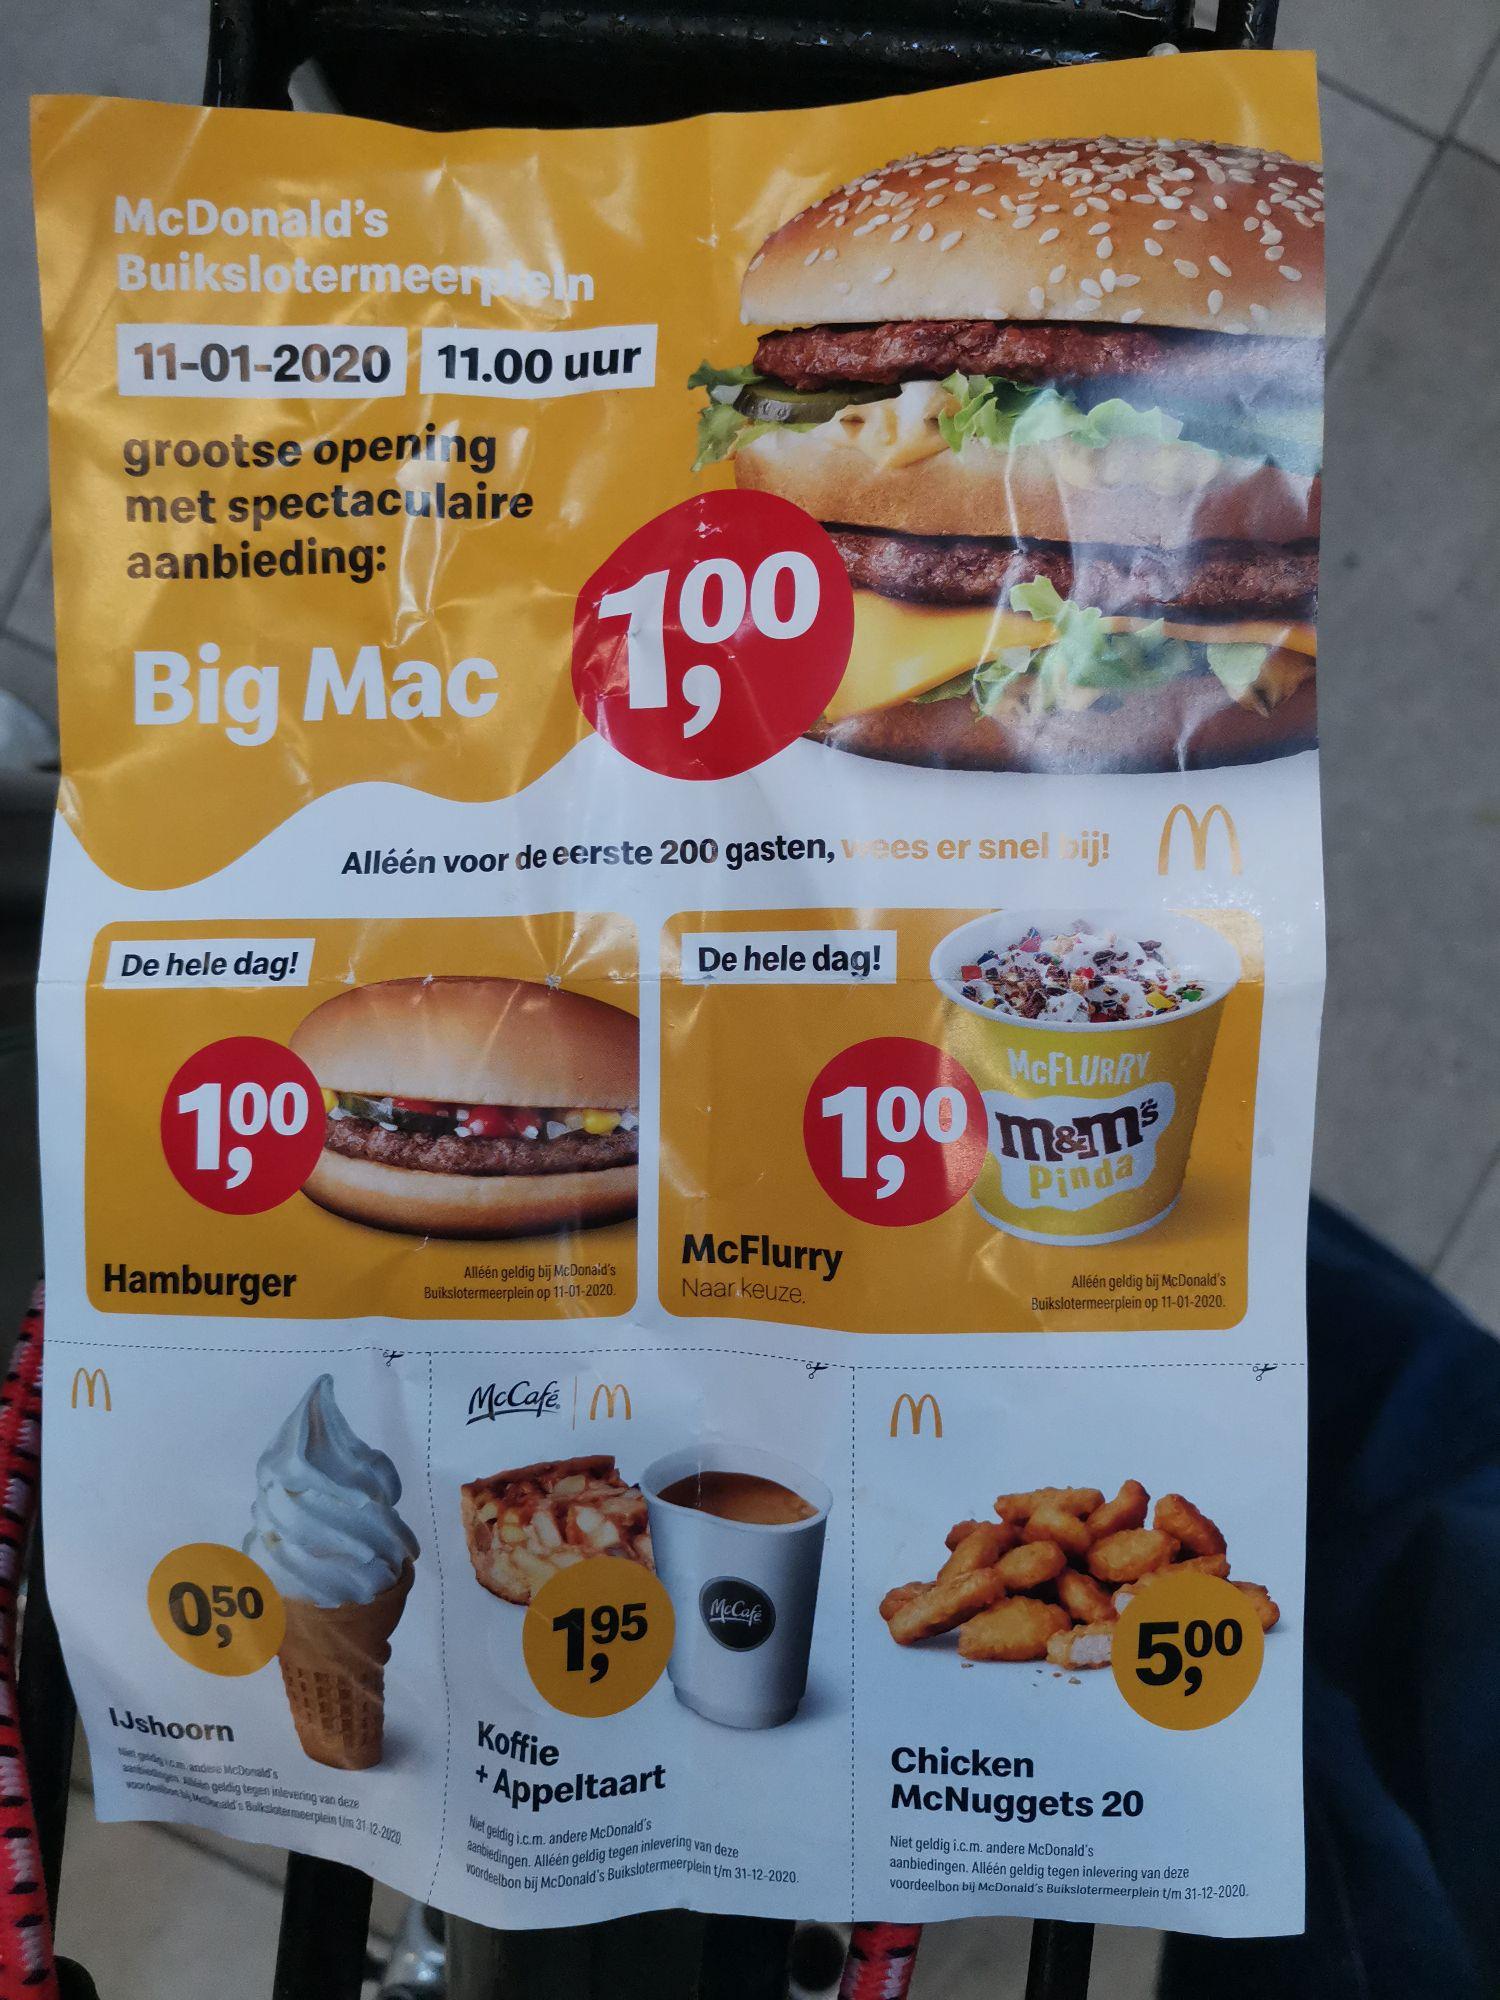 McDonald's Amsterdam Noord Buikslotermeerplein